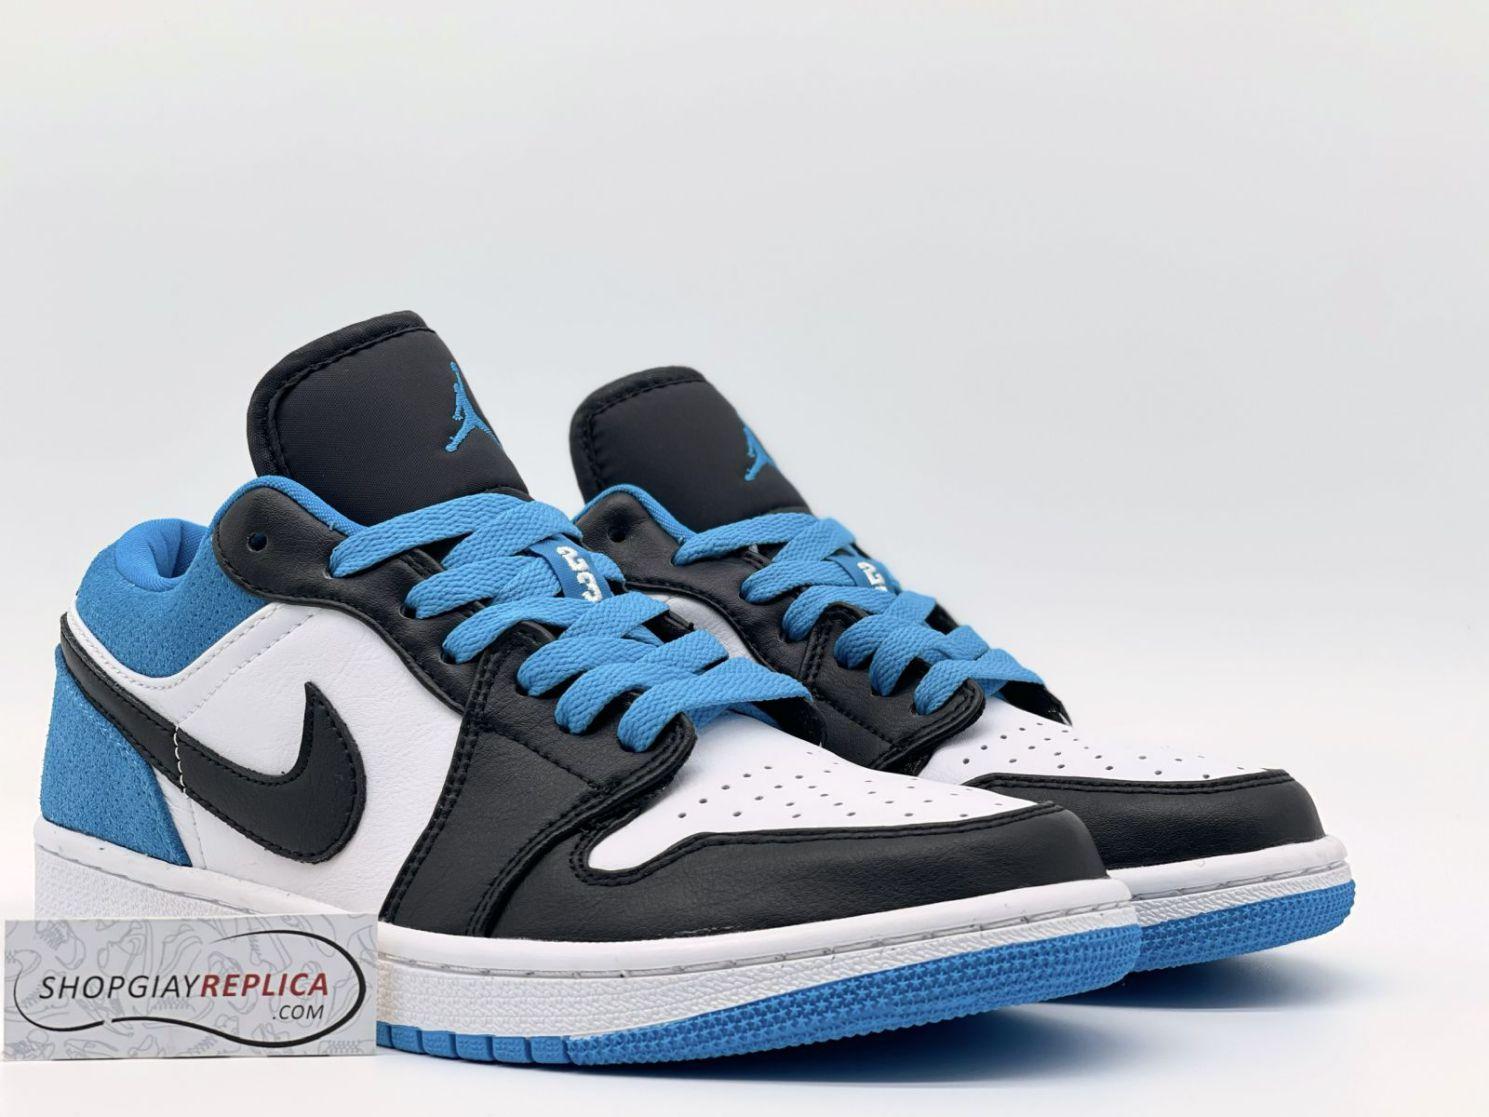 Air Jordan 1 Low Laser Blue